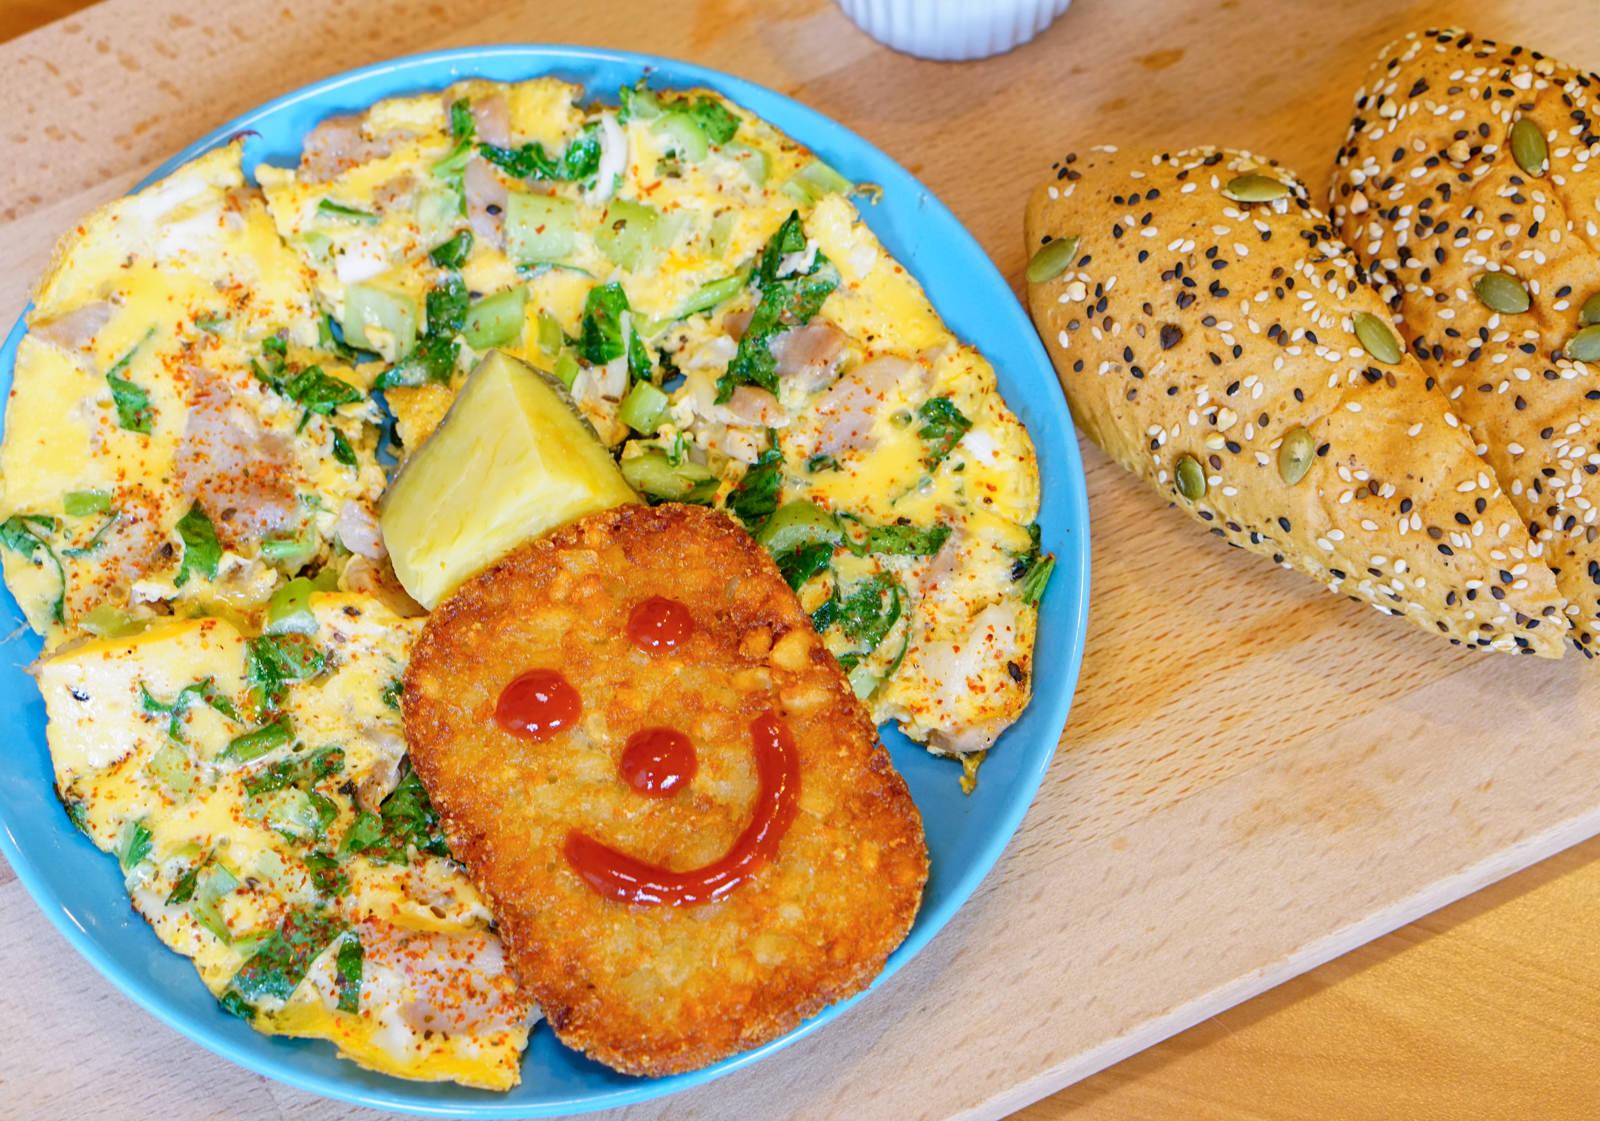 [高雄]路也食光(陽明店)-讓人微笑的溫暖平價早午餐 美味拼盤x鄉村風空間 高雄早午餐推薦